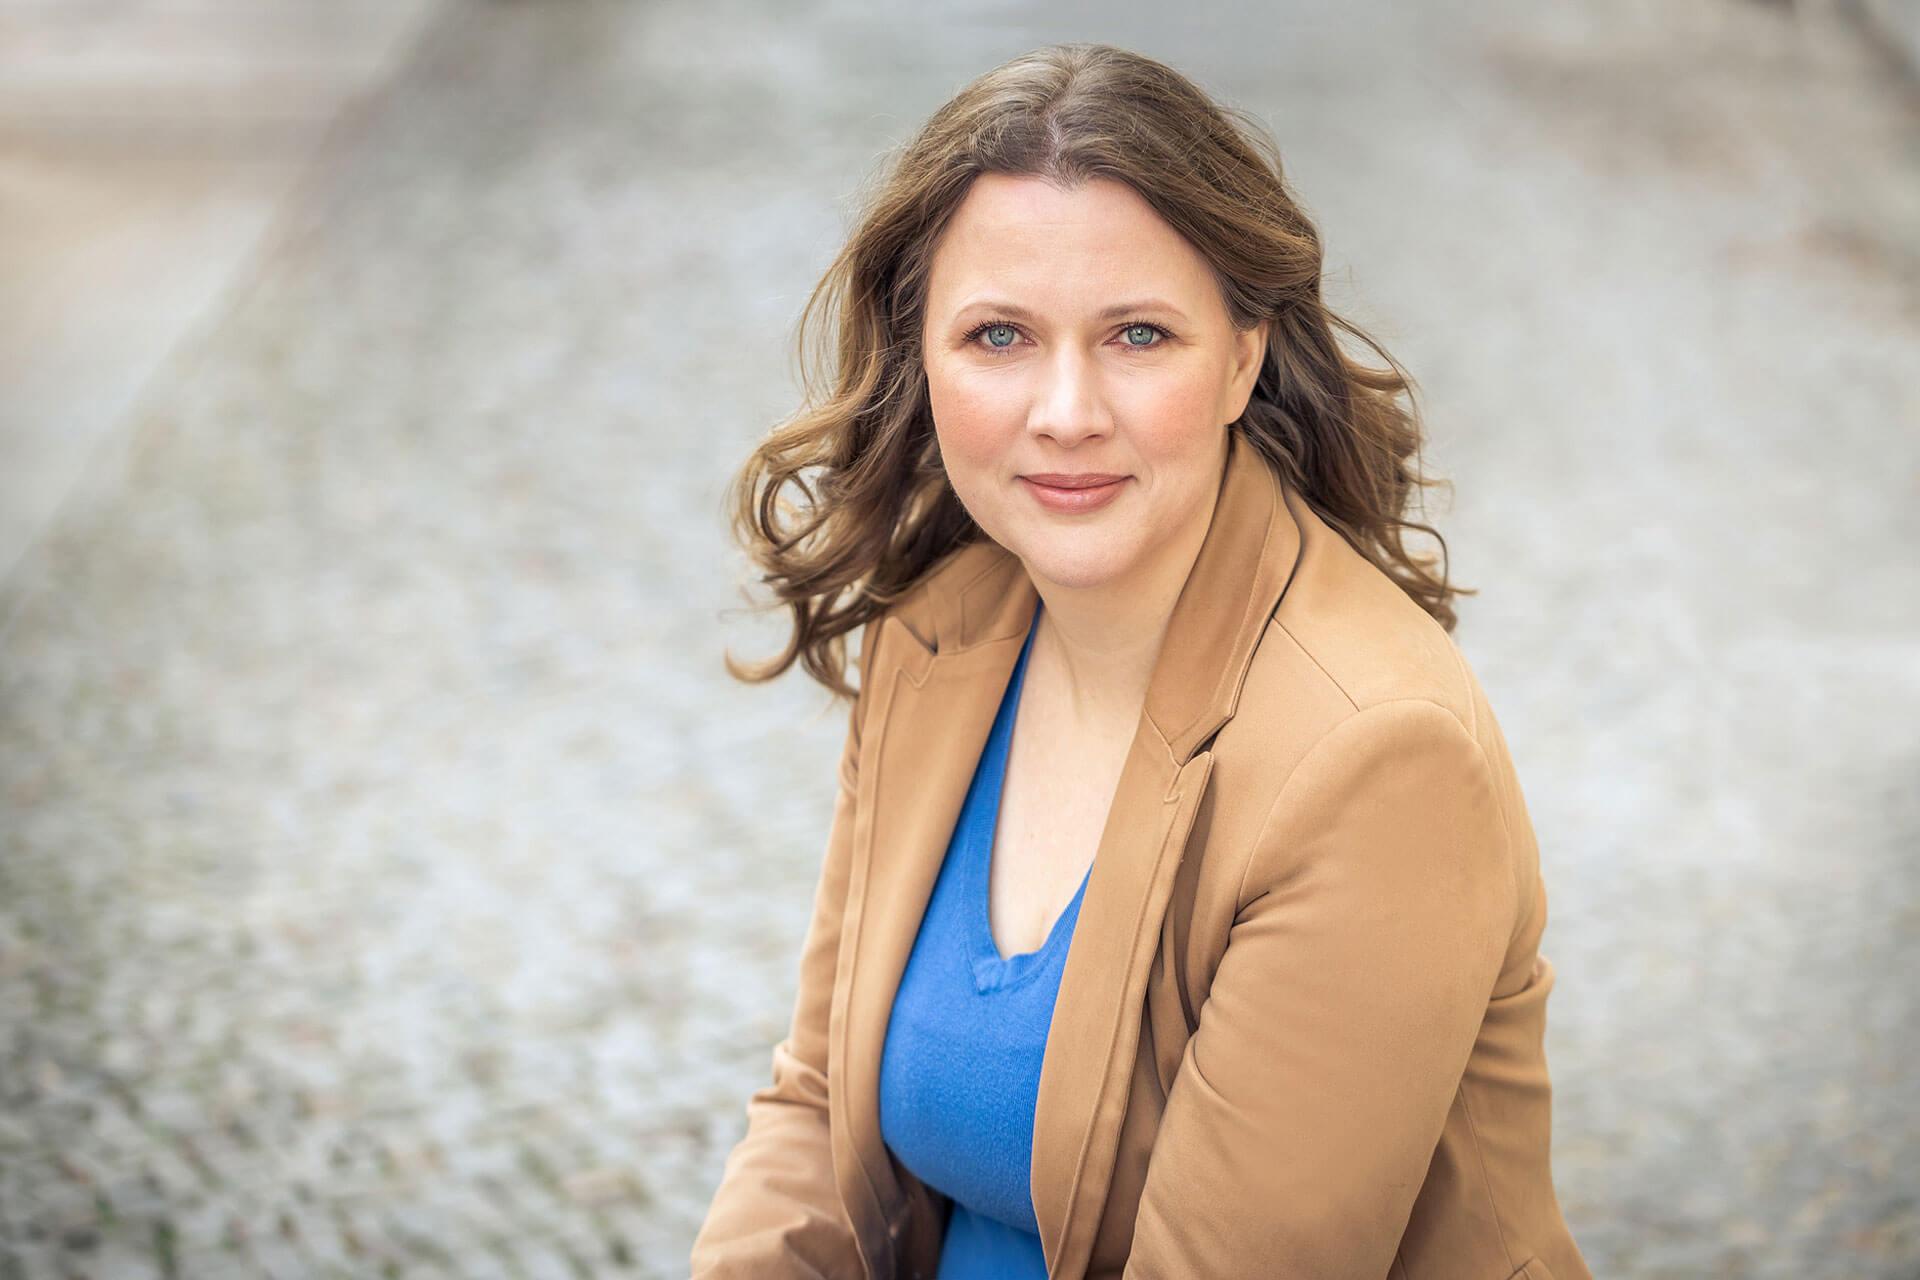 personalbrandingfotografie-einer-businessfrau-outdoor